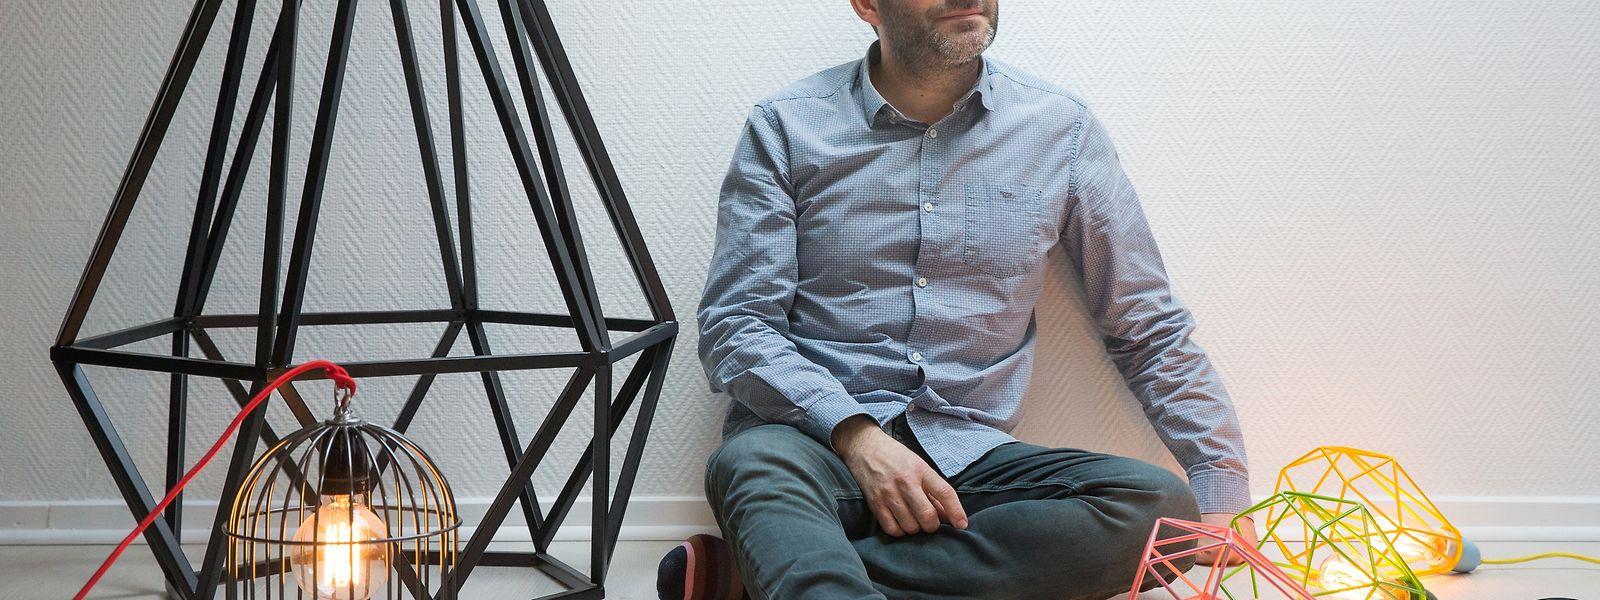 Lampendesigner Laurent Maré inmitten seiner Kreationen.